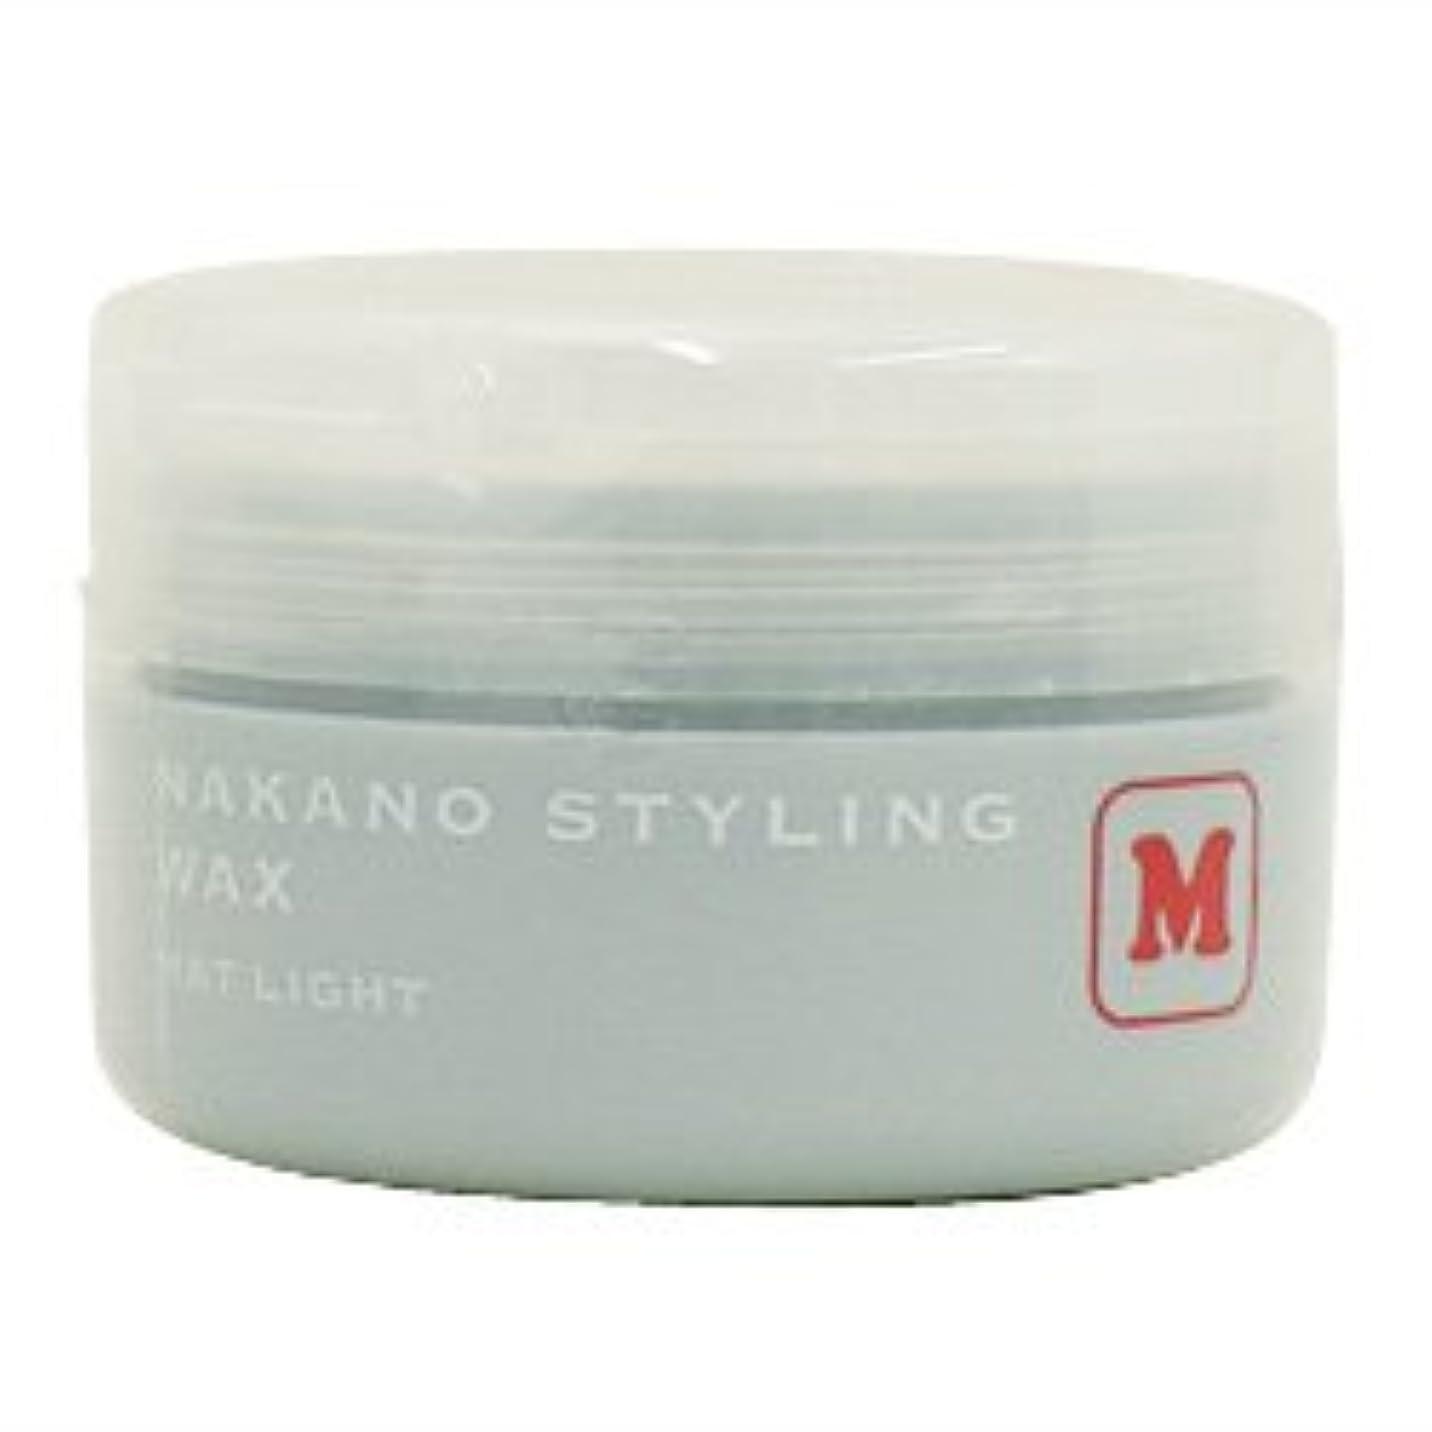 助けになる気まぐれなしなやかなナカノ スタイリング ワックス M マットライト 90g 中野製薬 NAKANO